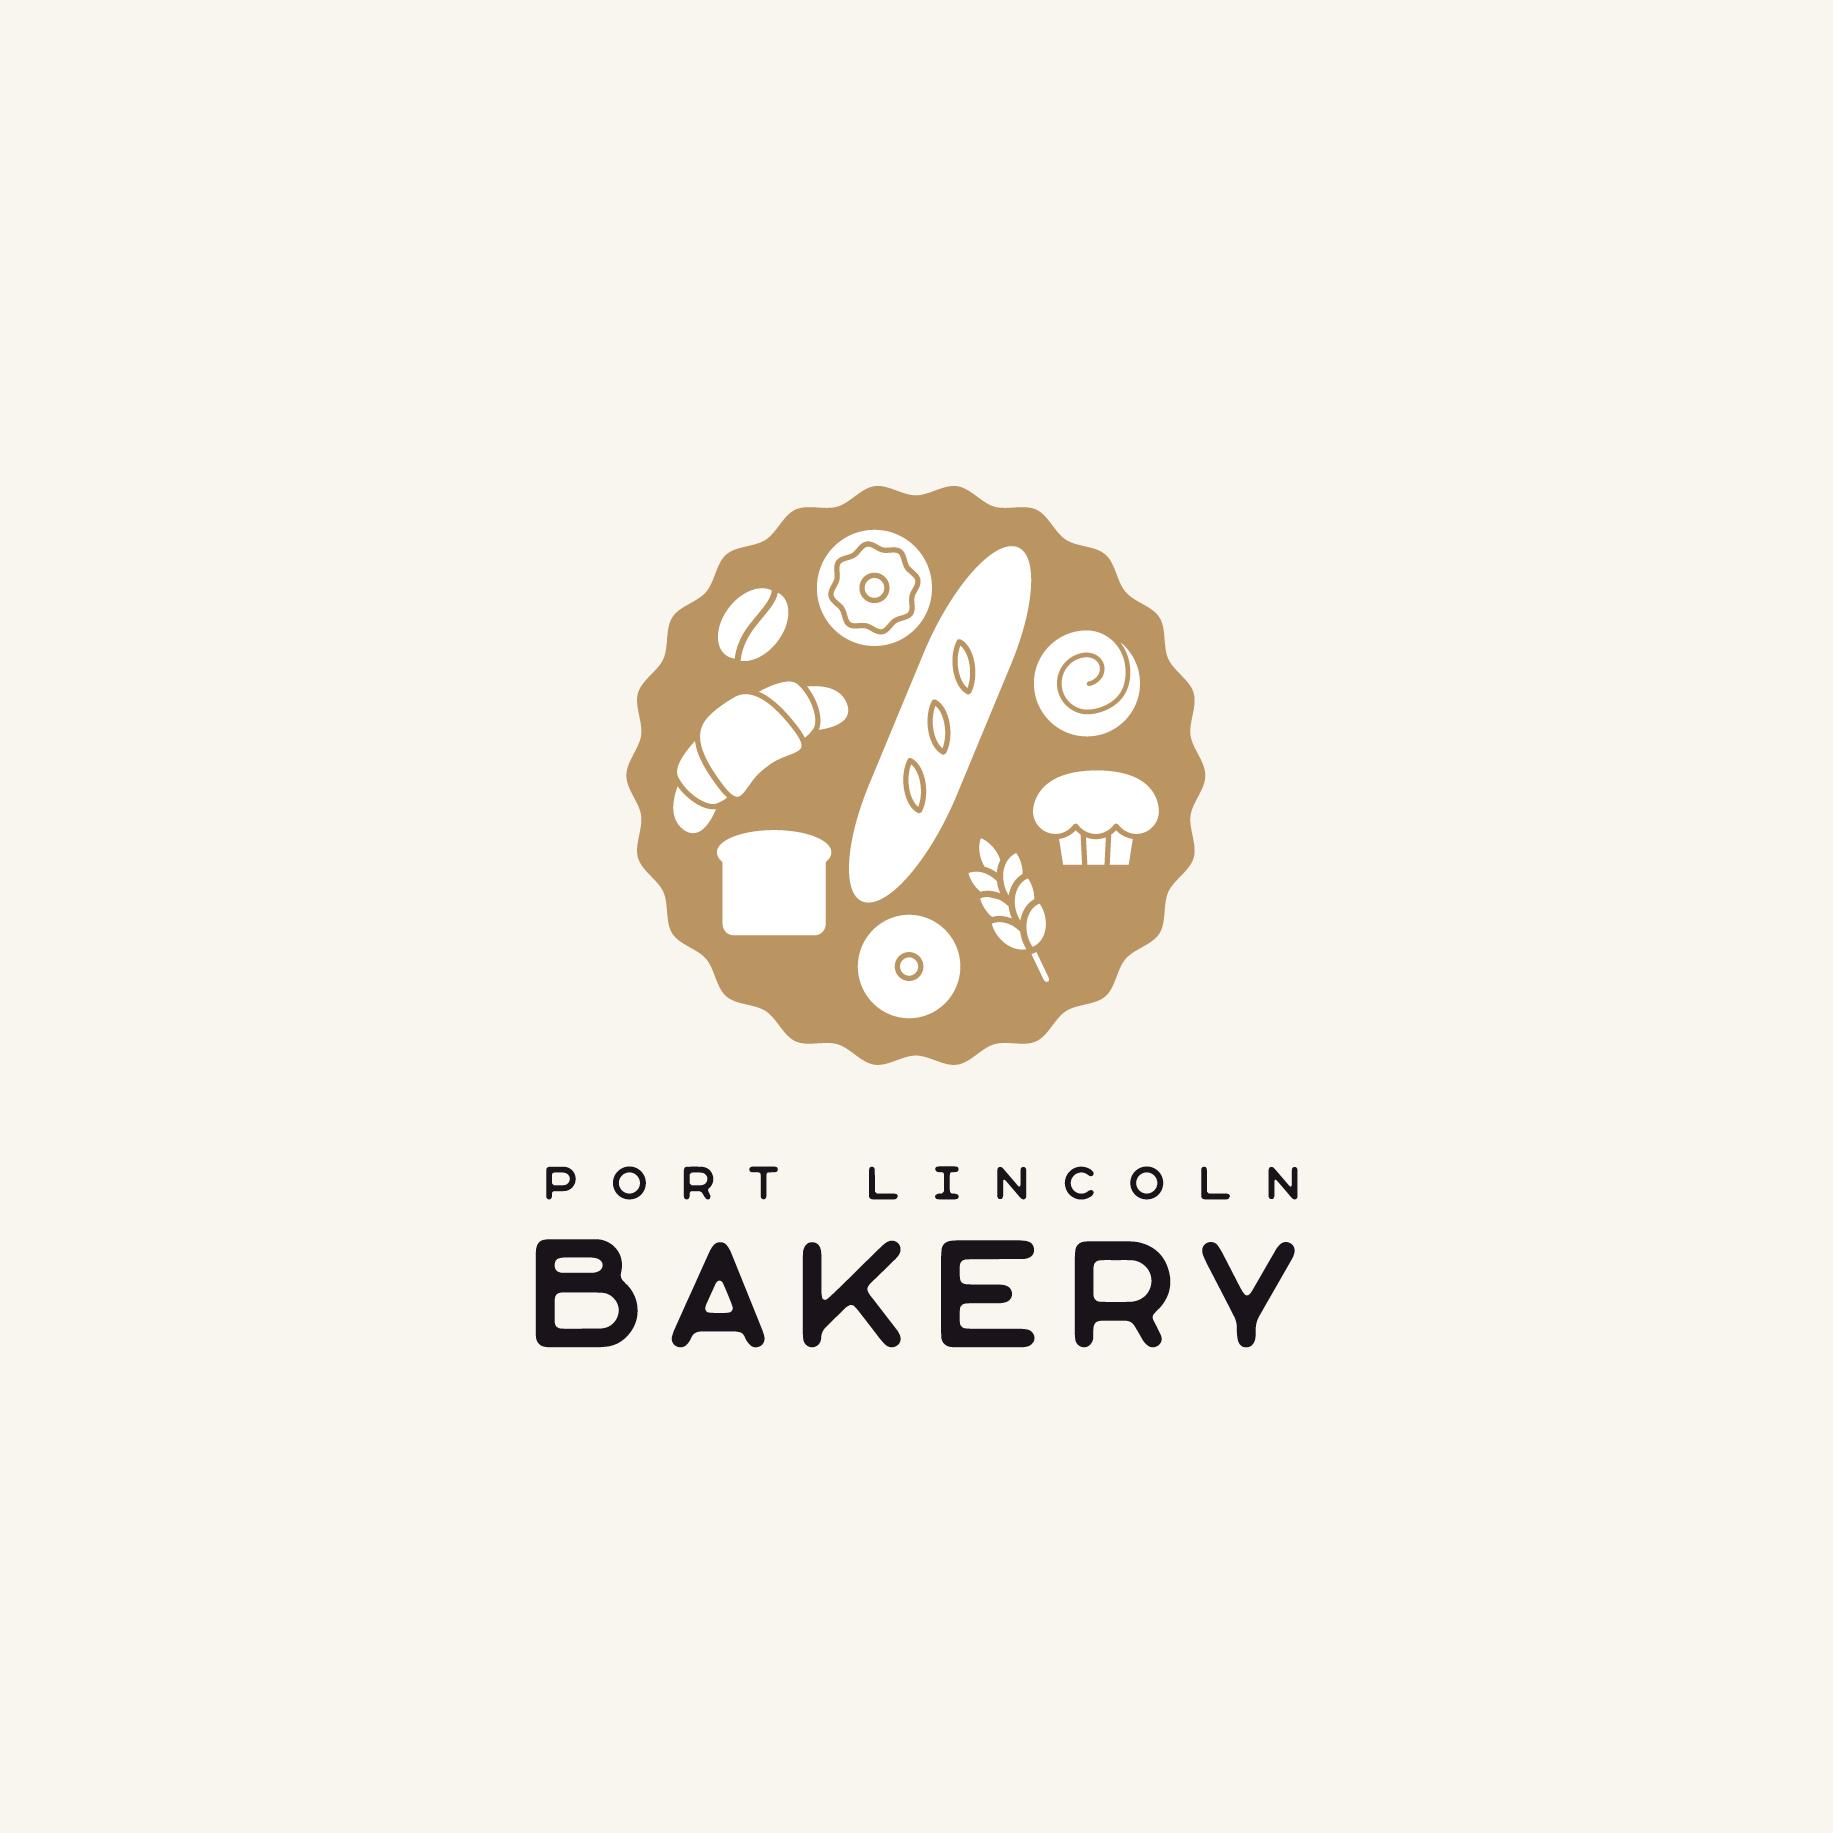 Port Lincoln Bakery Logo Design